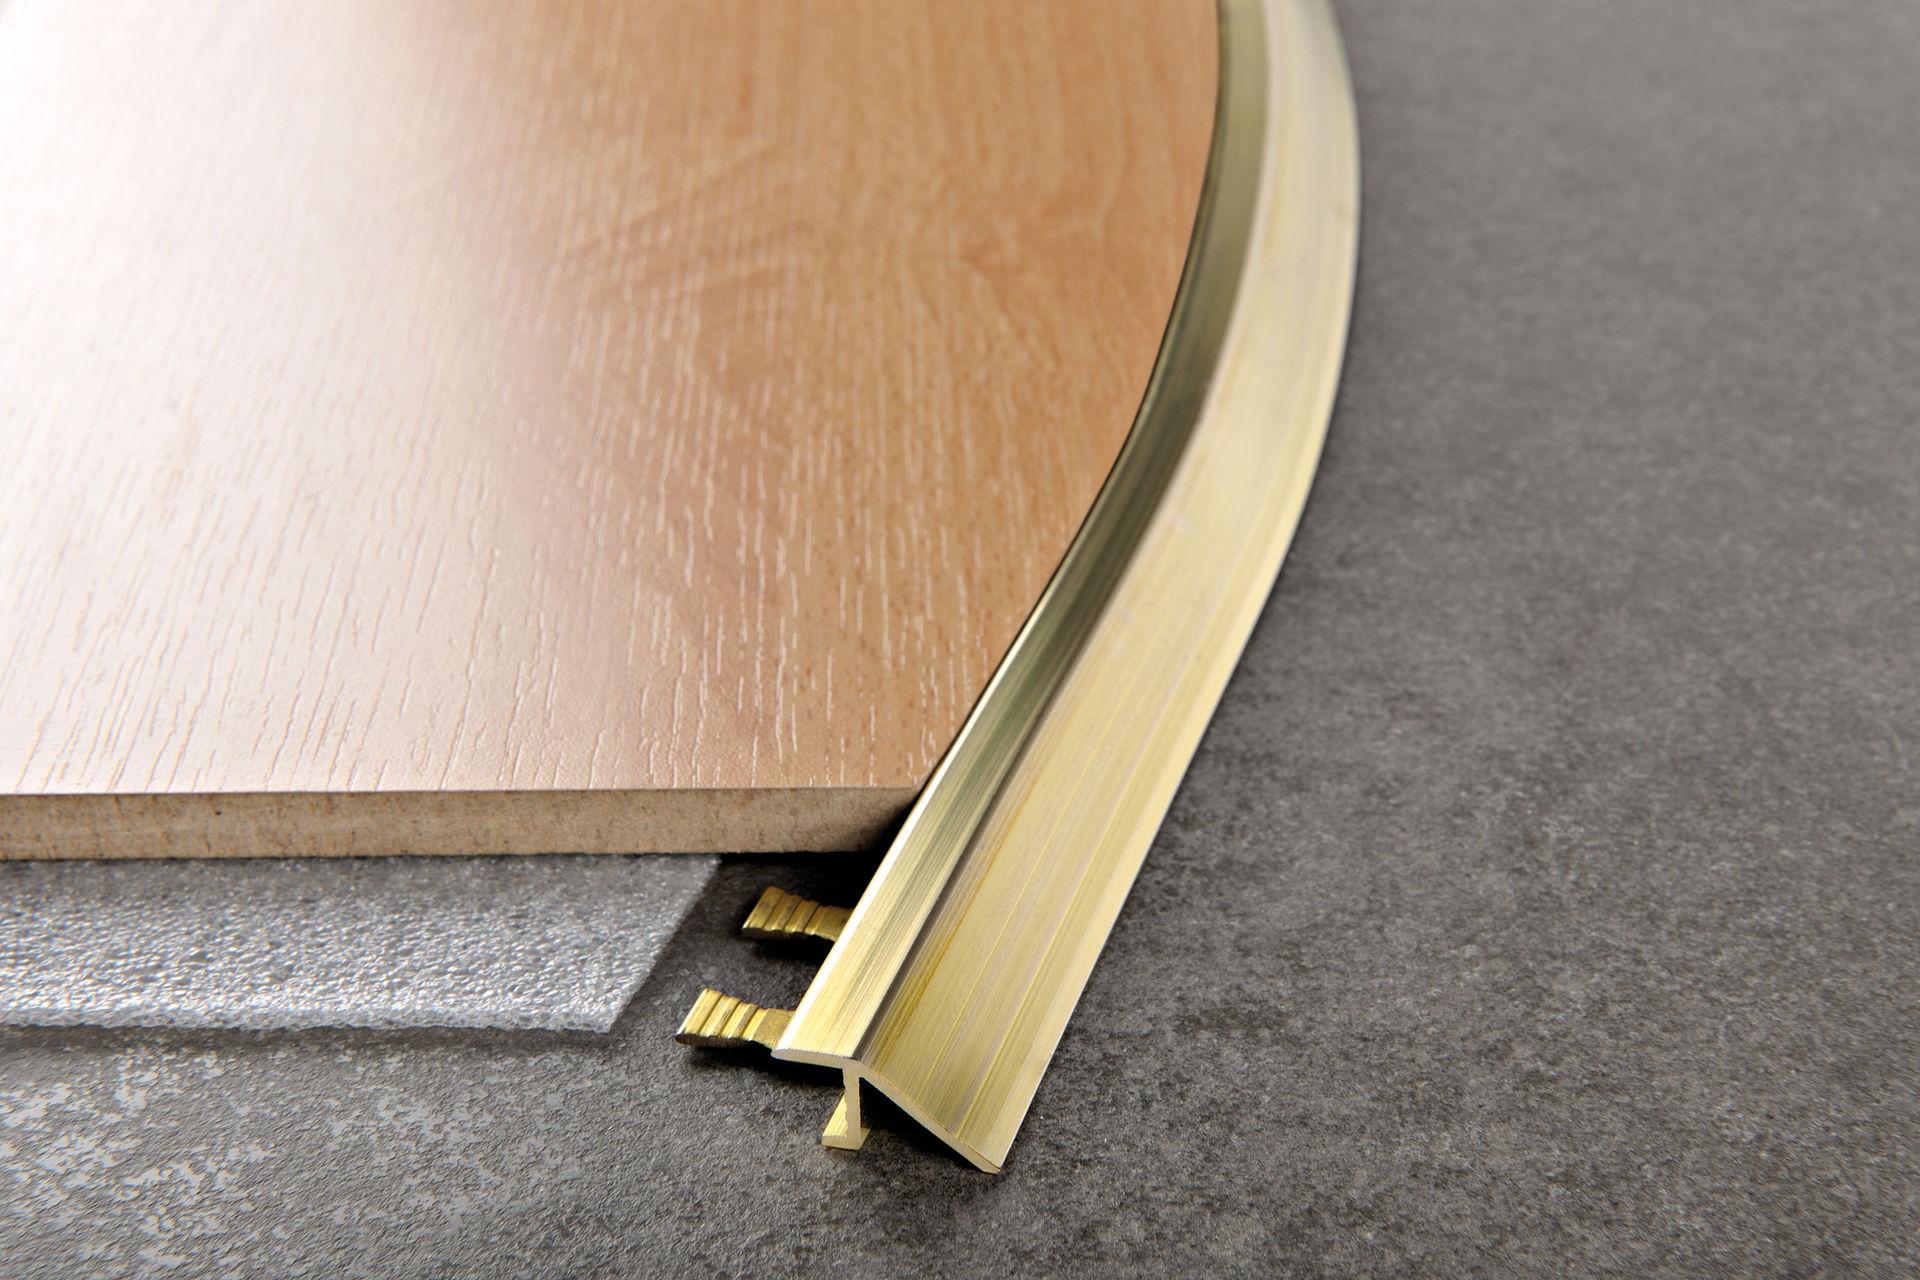 вариант применения гибкого порога для ламината и плитки в отделке дома